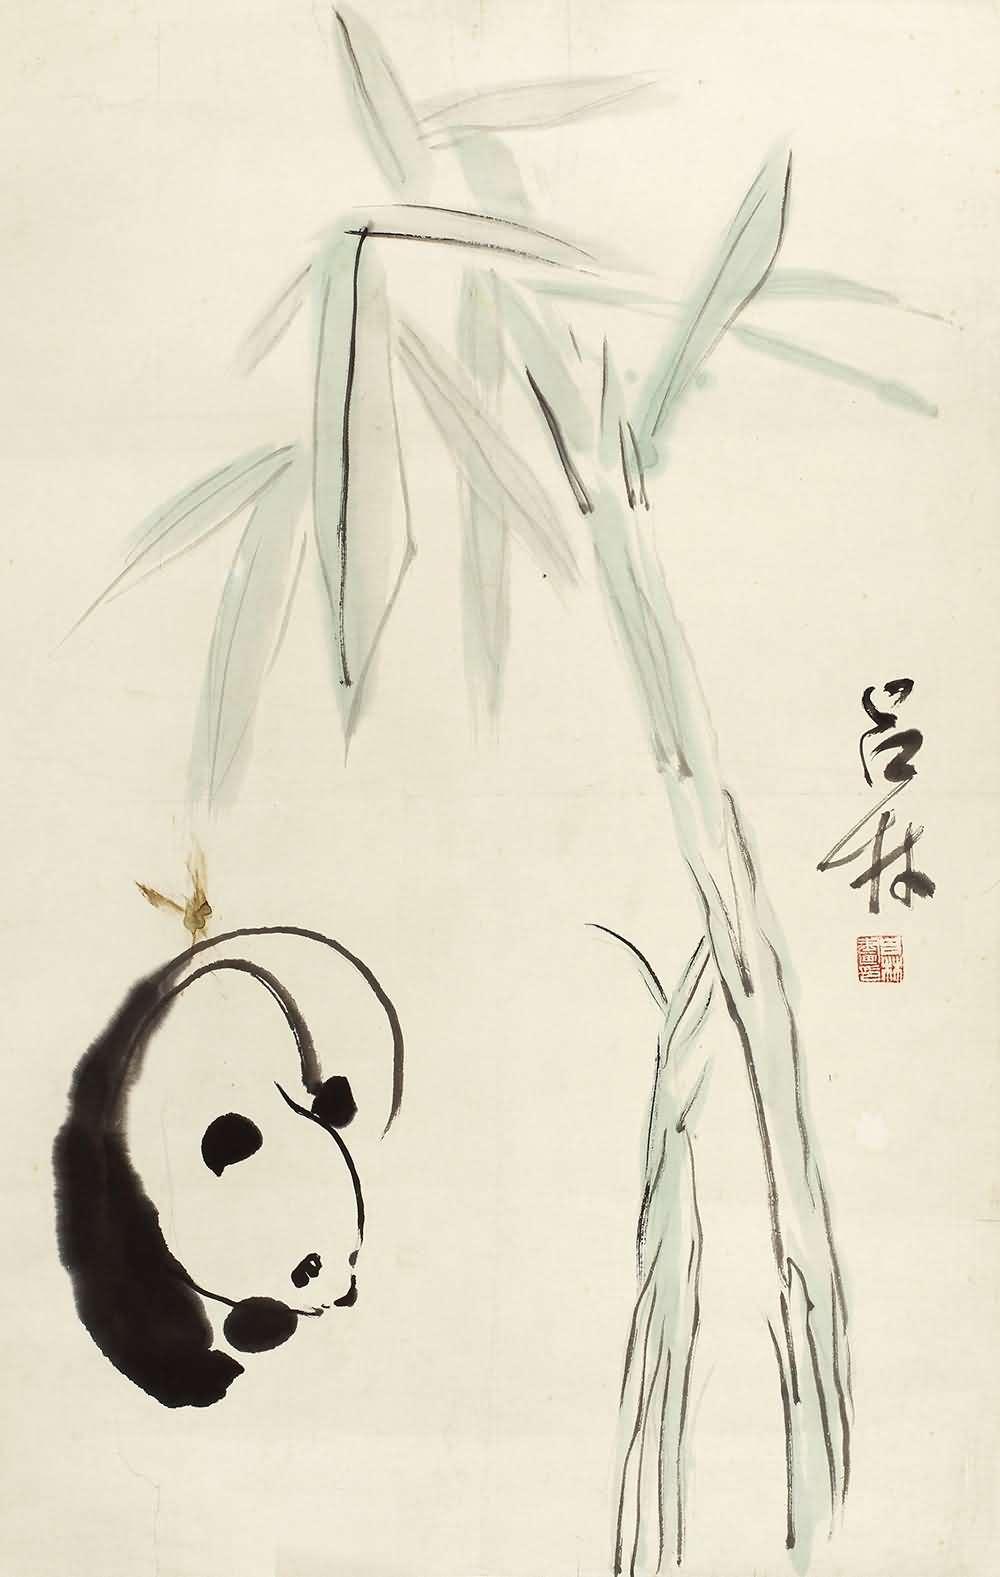 吕林写意动物,吕林-熊猫